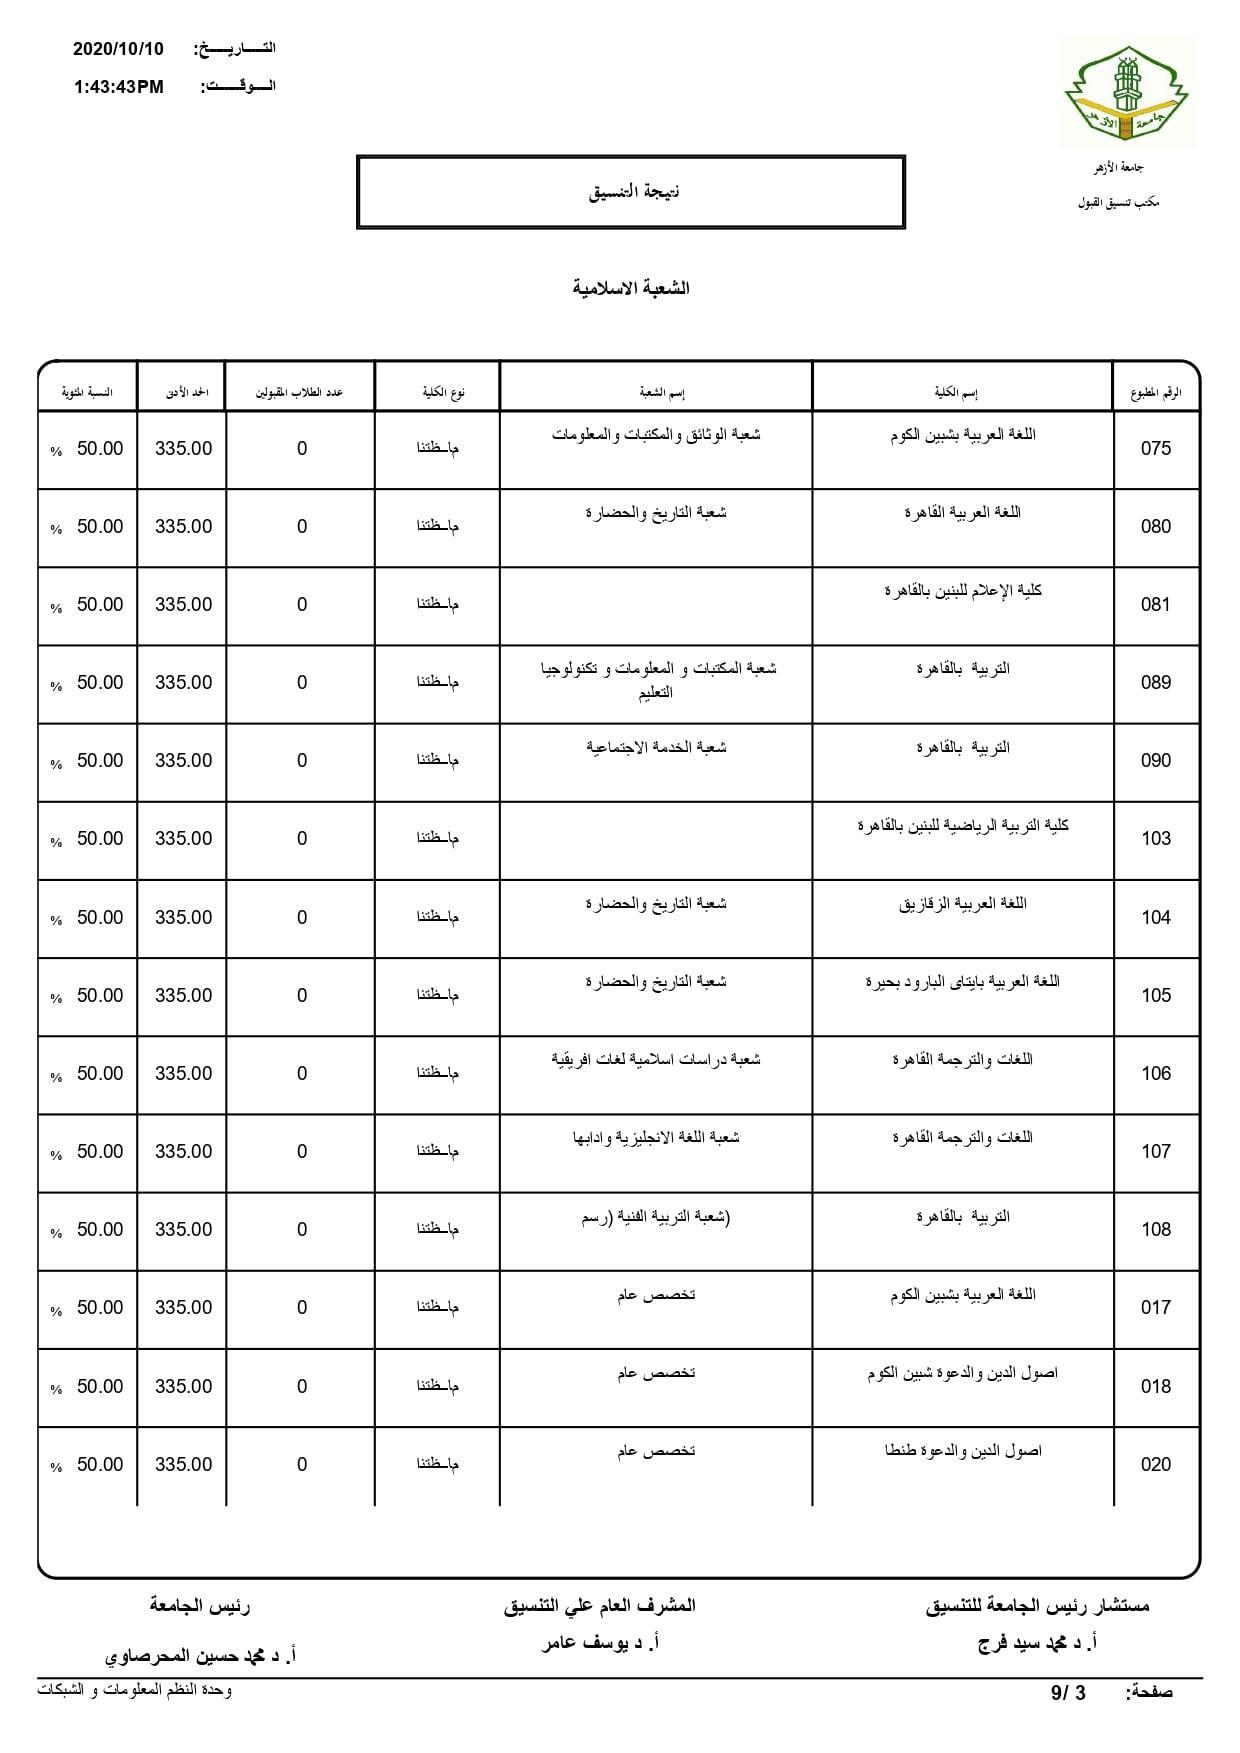 نتيجة تنسيق كليات جامعة الأزهر لعام 2020 بالكامل 20201010195743557